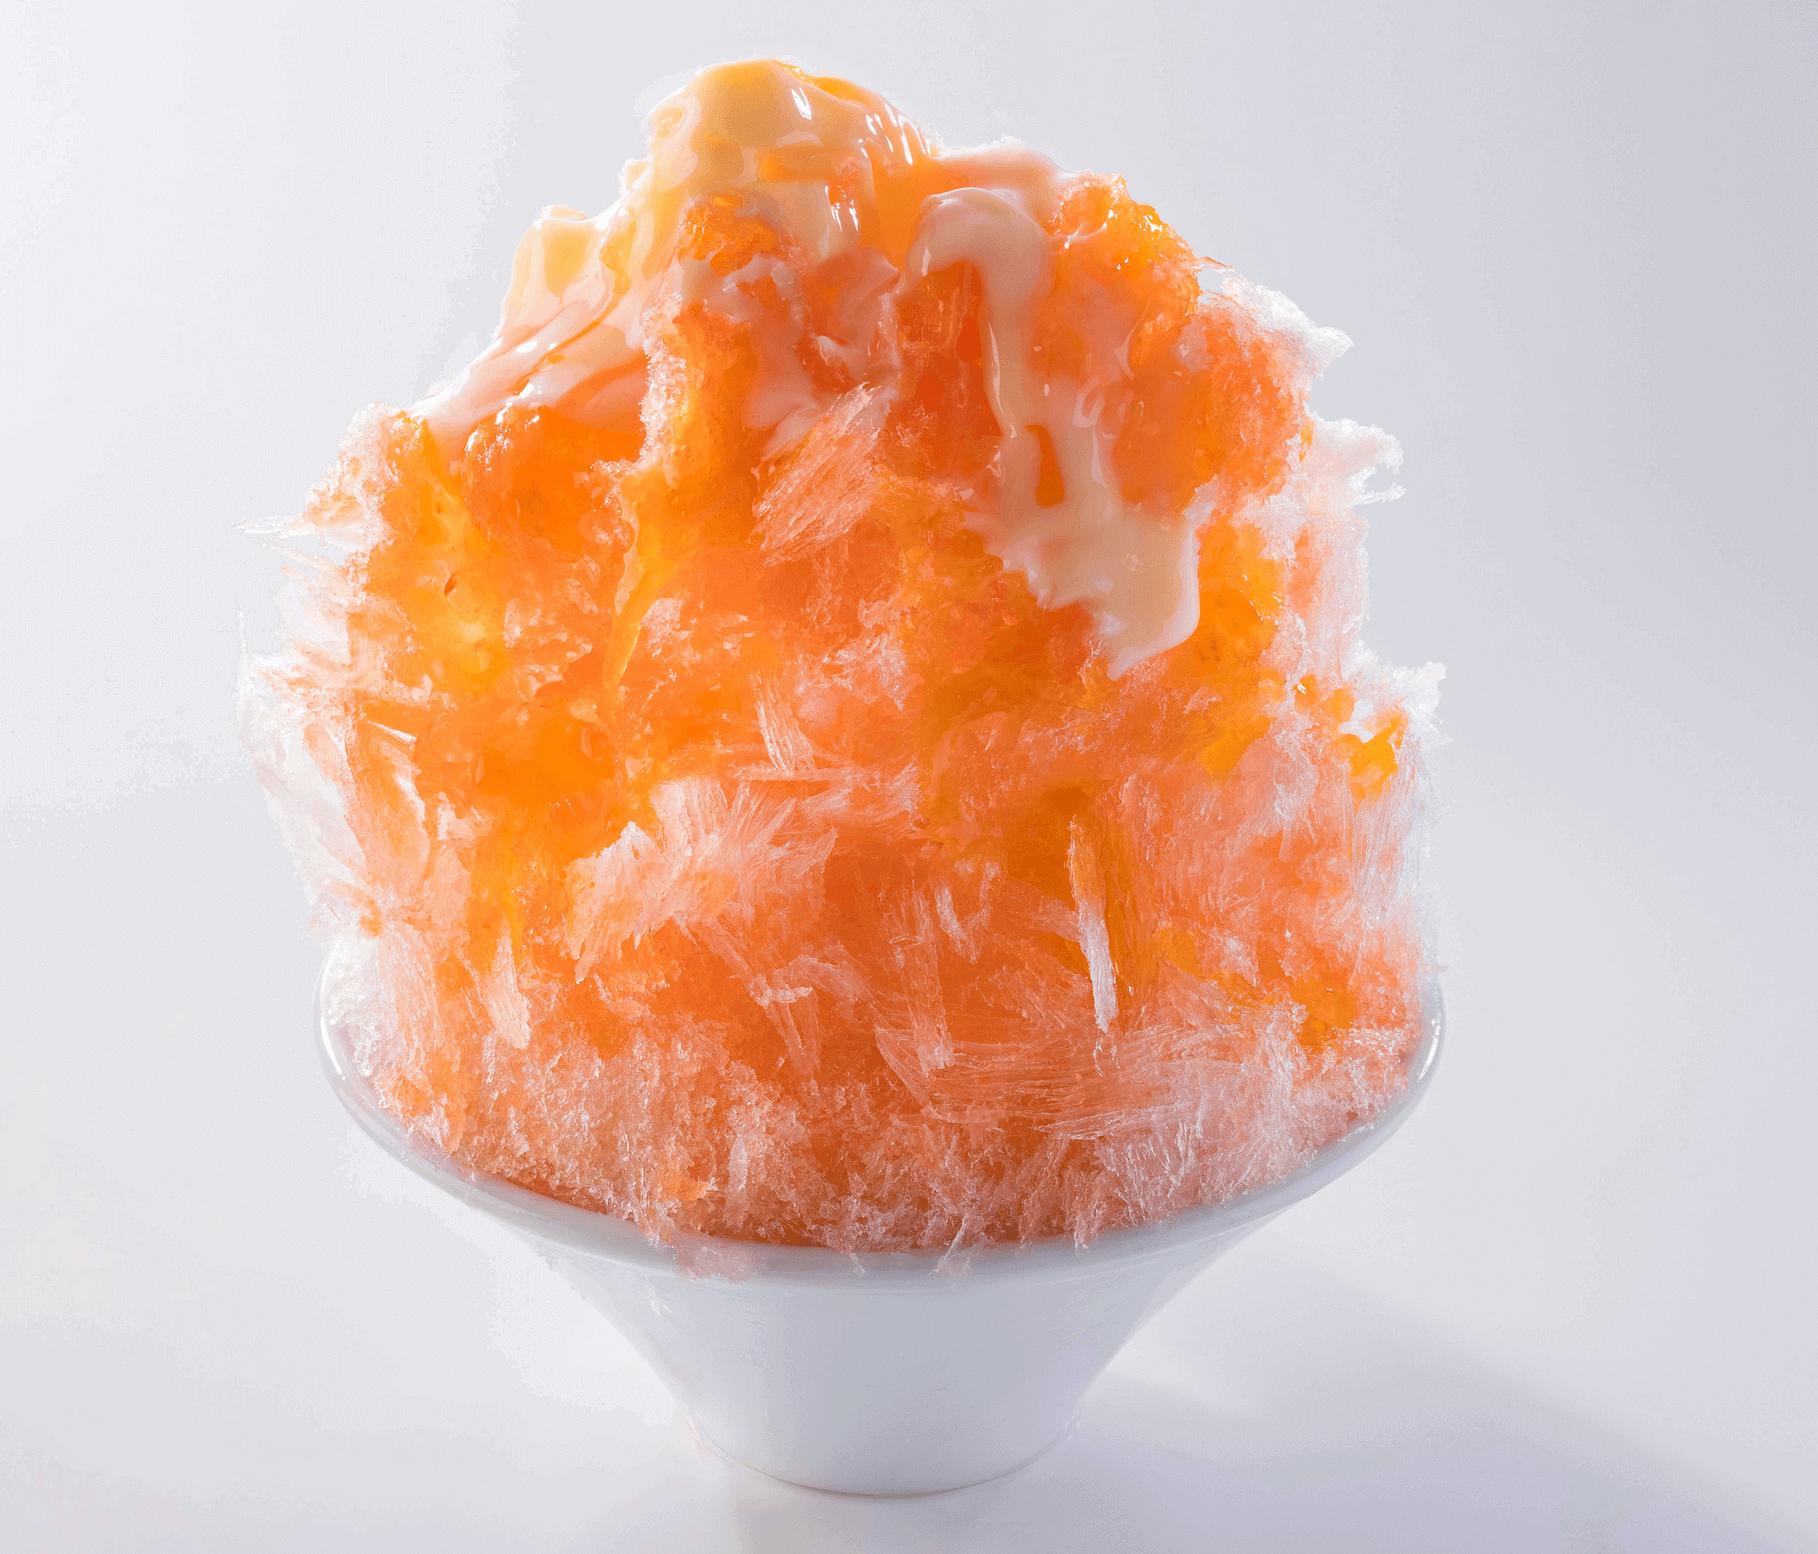 北海道生まれ和食処とんでん『綿雪』-北海道赤肉メロン綿雪